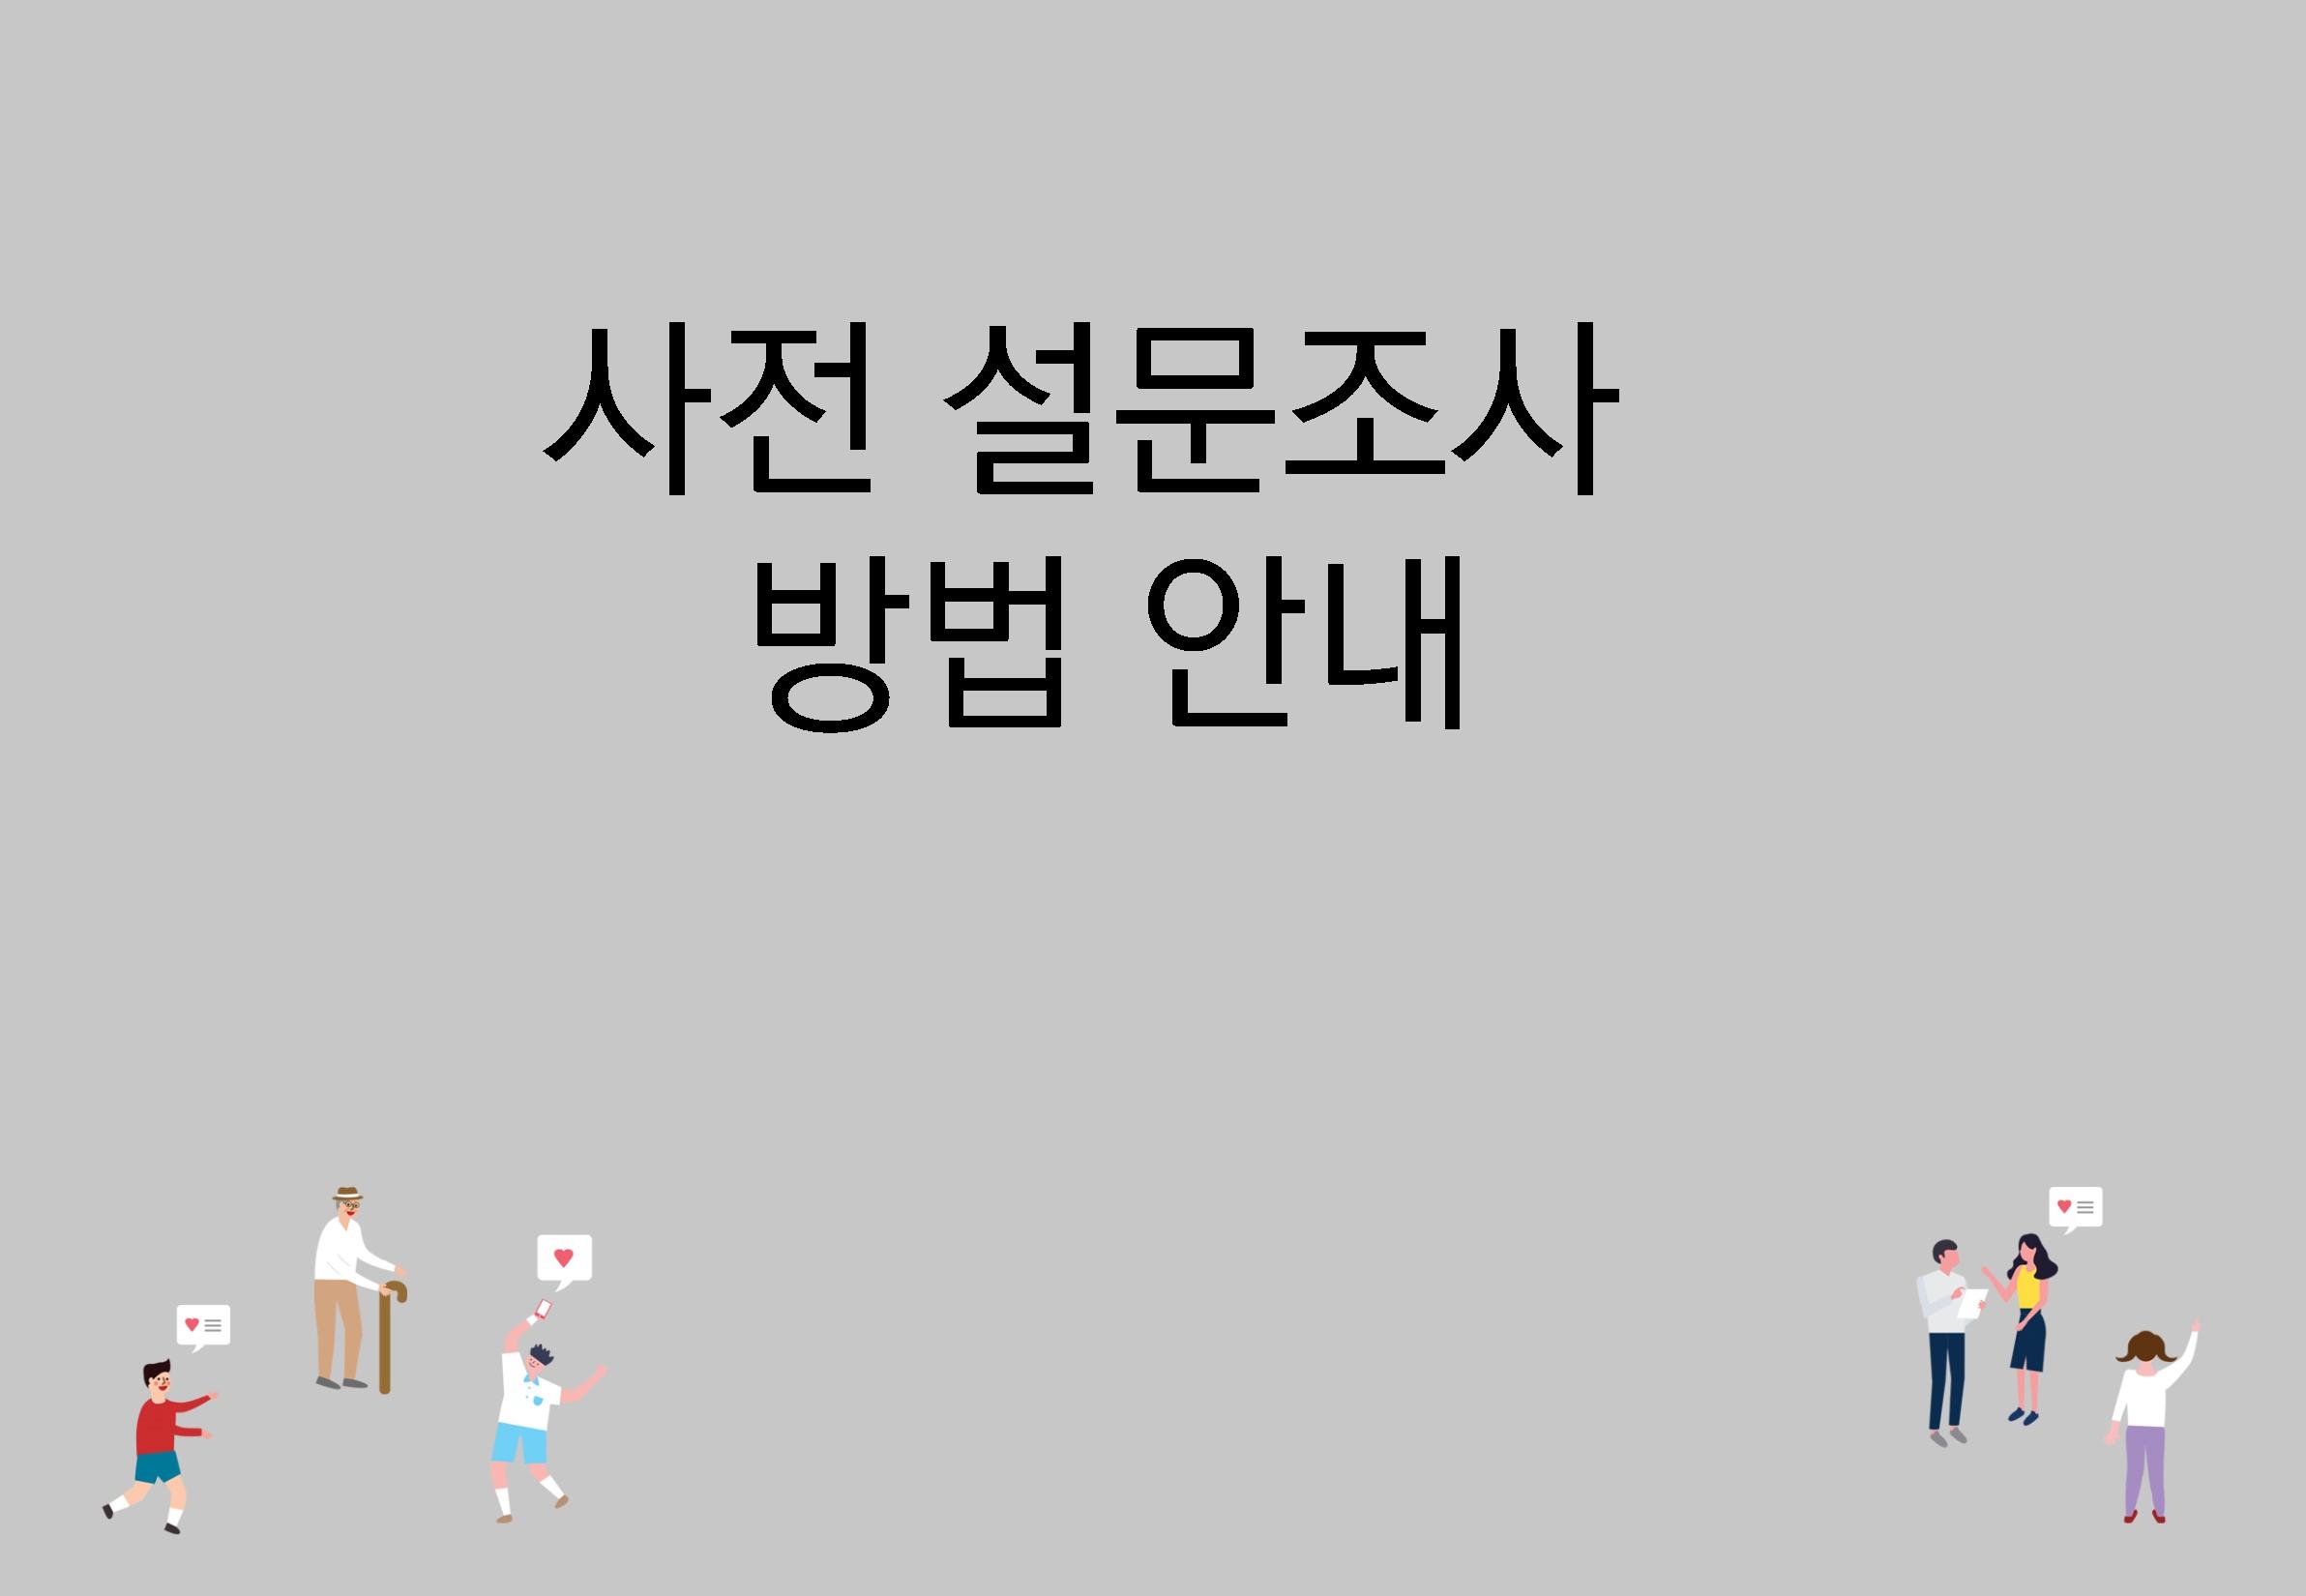 경기 평화통일비전사회적대화_190824_식순 PPT_최종_페이지_003